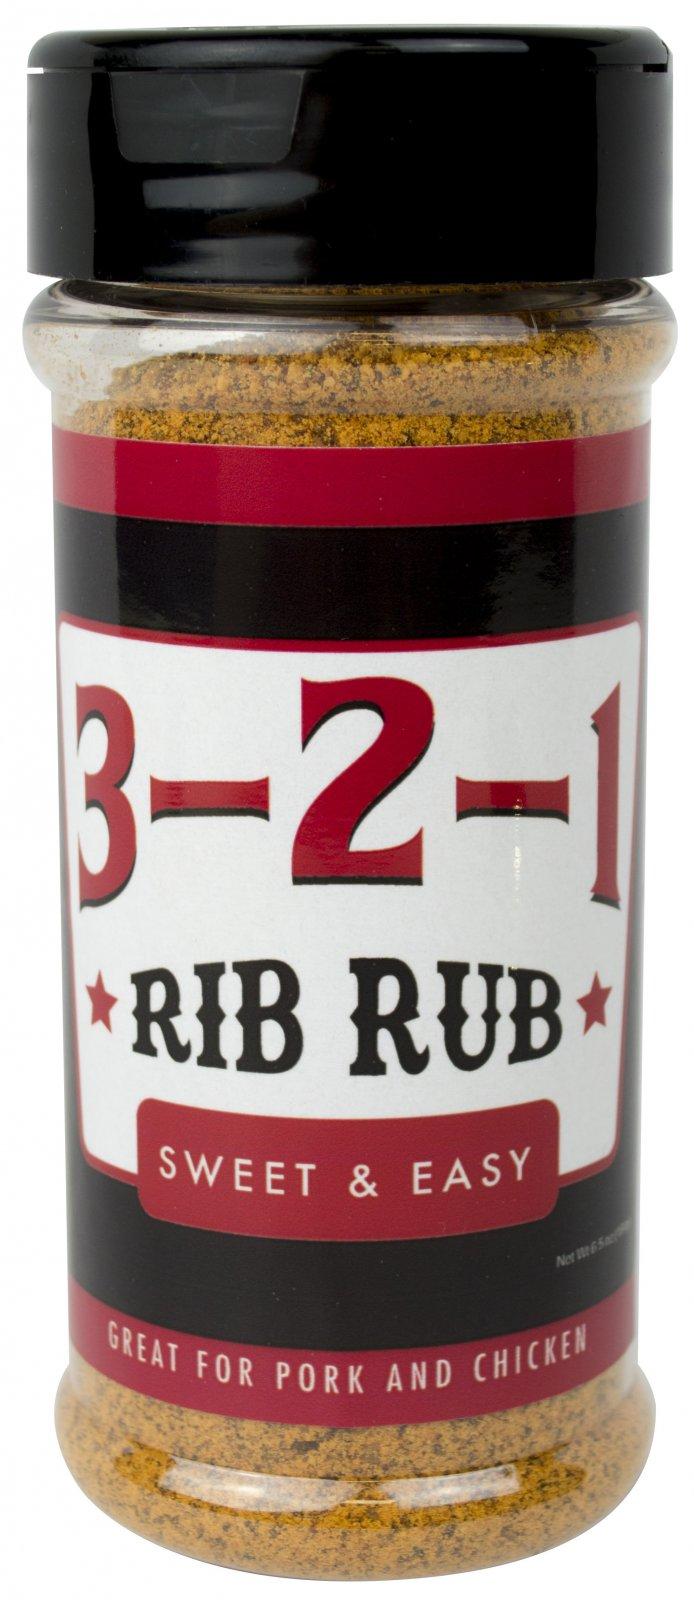 Bear Paw Products - 3-2-1 Rib Rub - 12 oz.